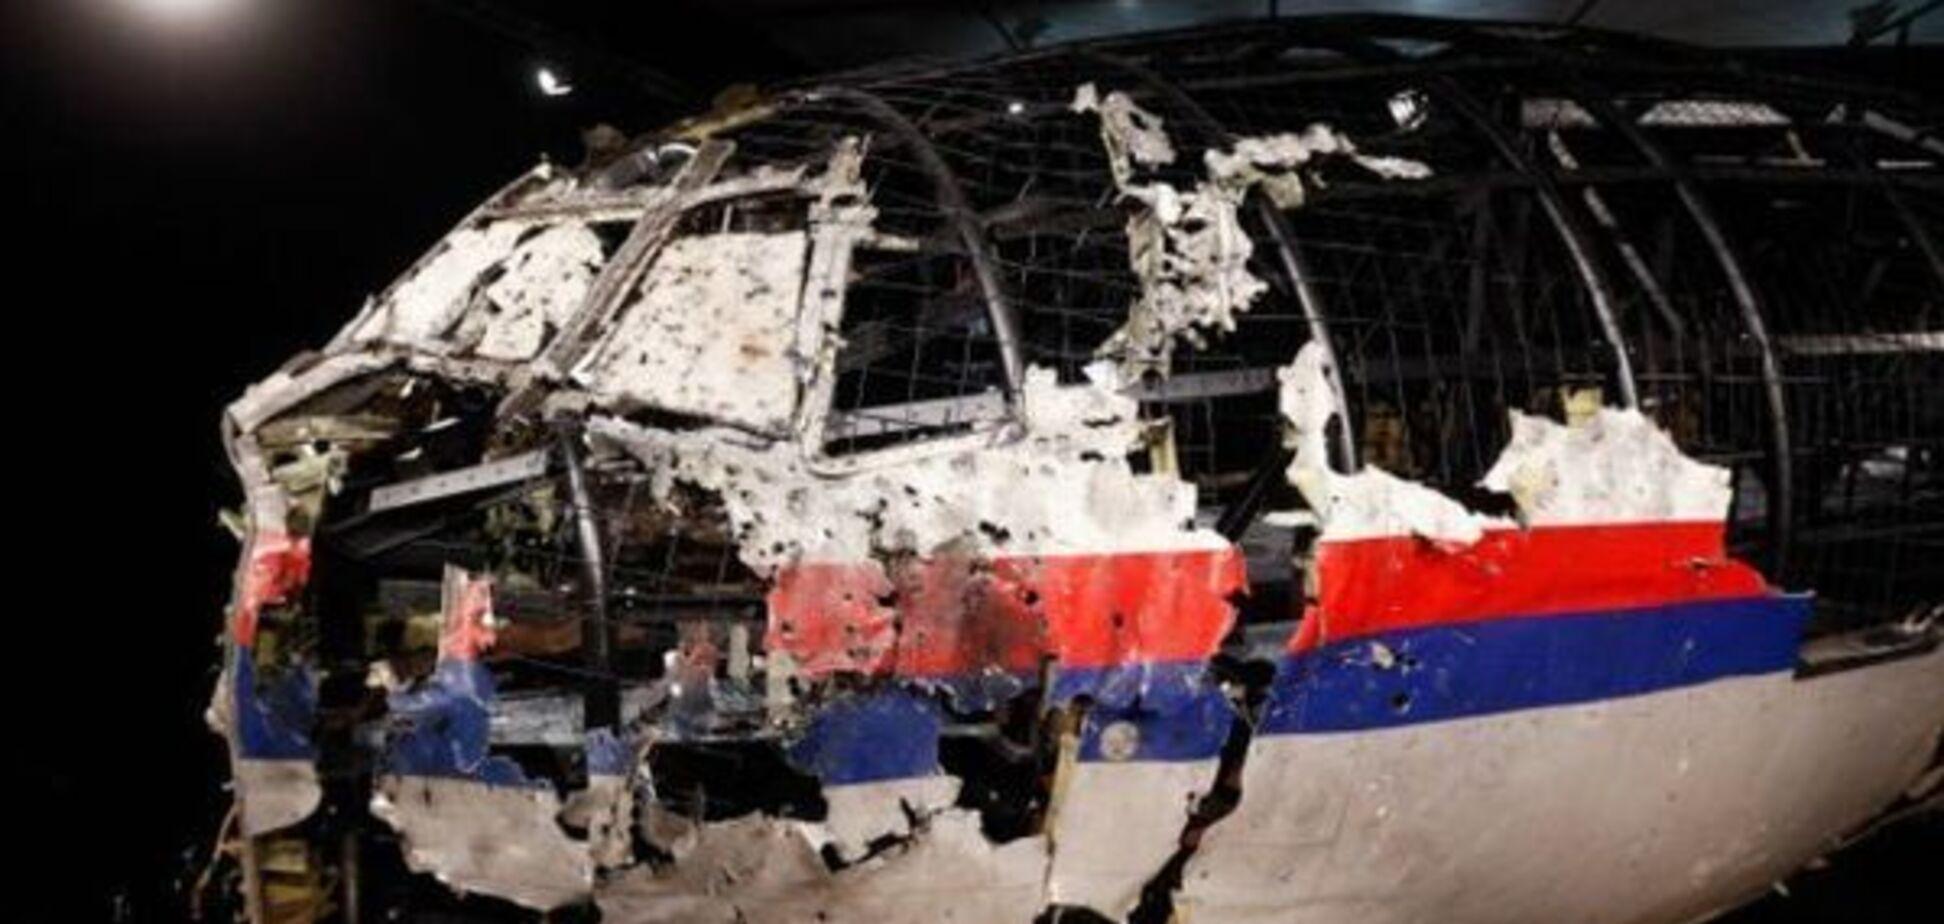 Катастрофа MH17: верхушке армии РФ предъявят официальные обвинения